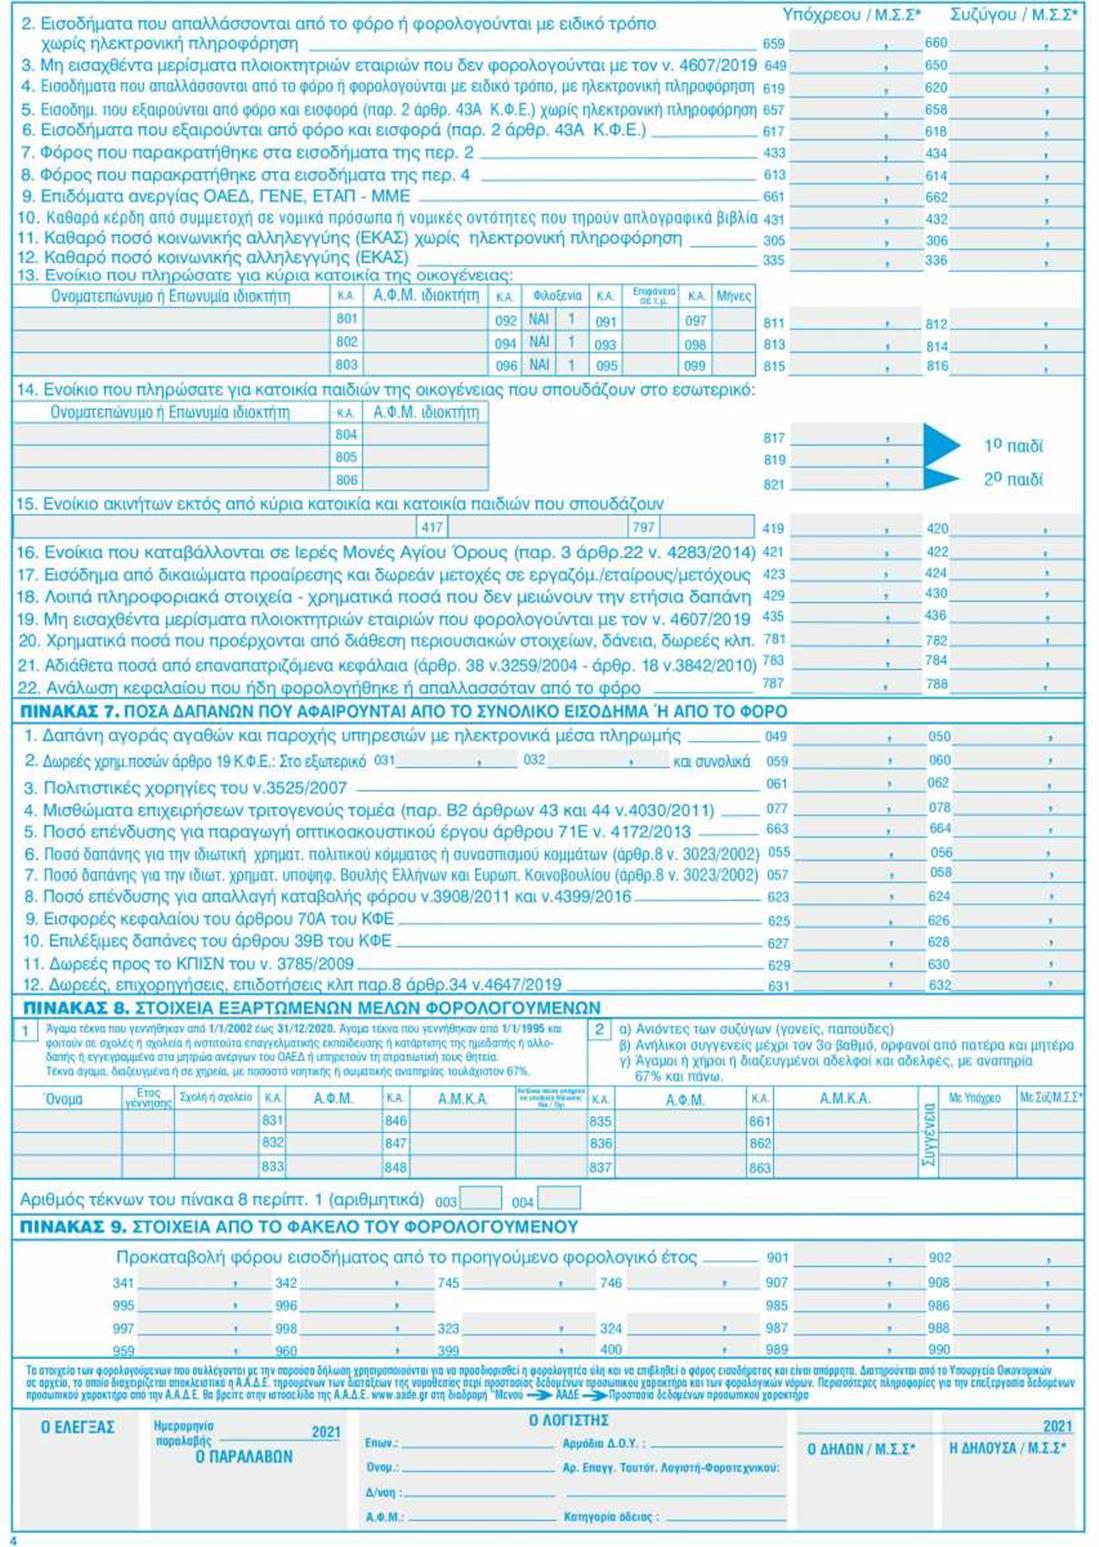 Φορολογικές δηλώσεις 2021 - Ε1 - σελ4